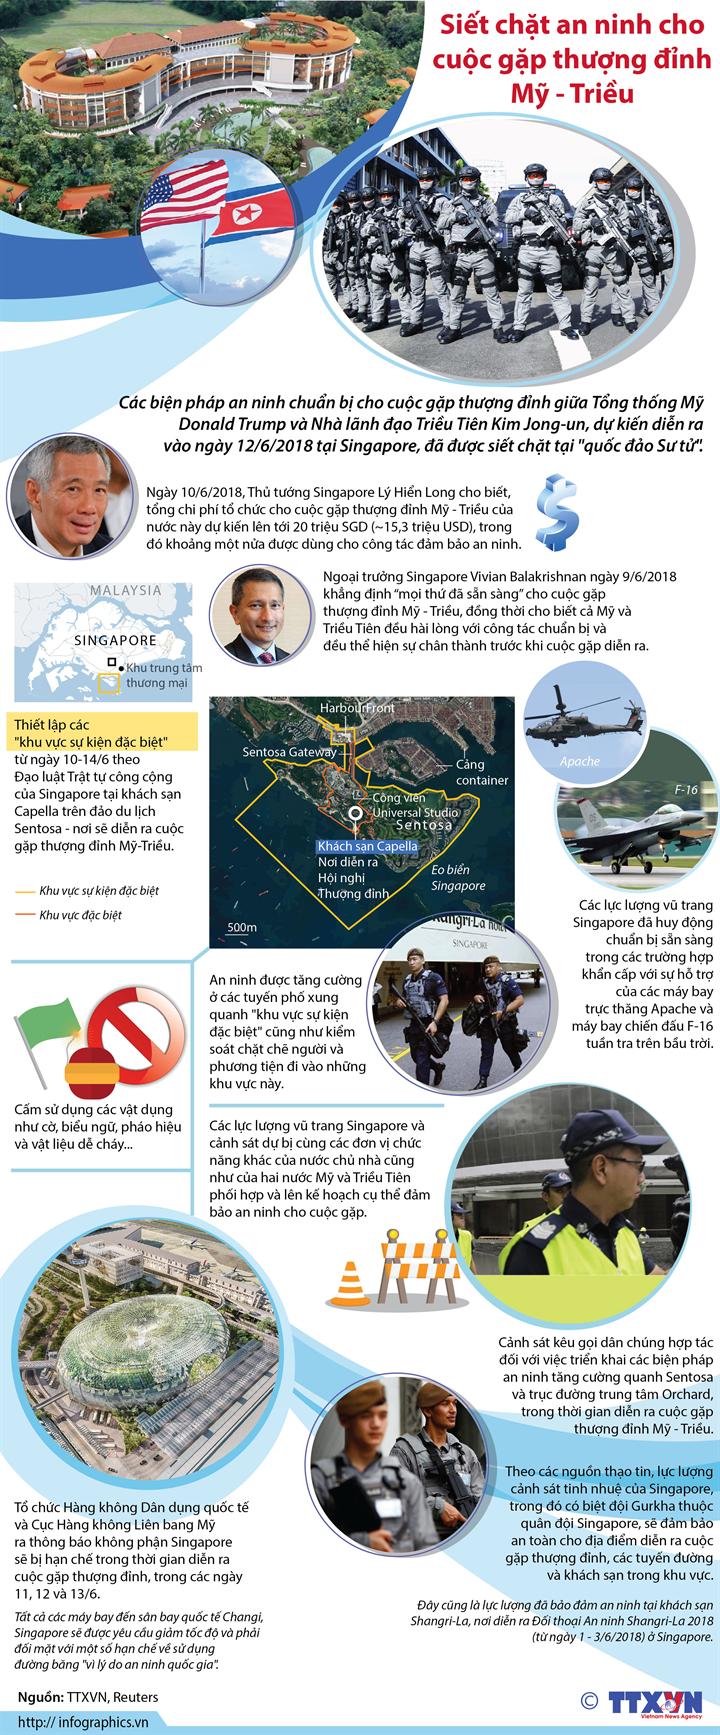 Siết chặt an ninh cho cuộc gặp thượng đỉnh Mỹ - Triều